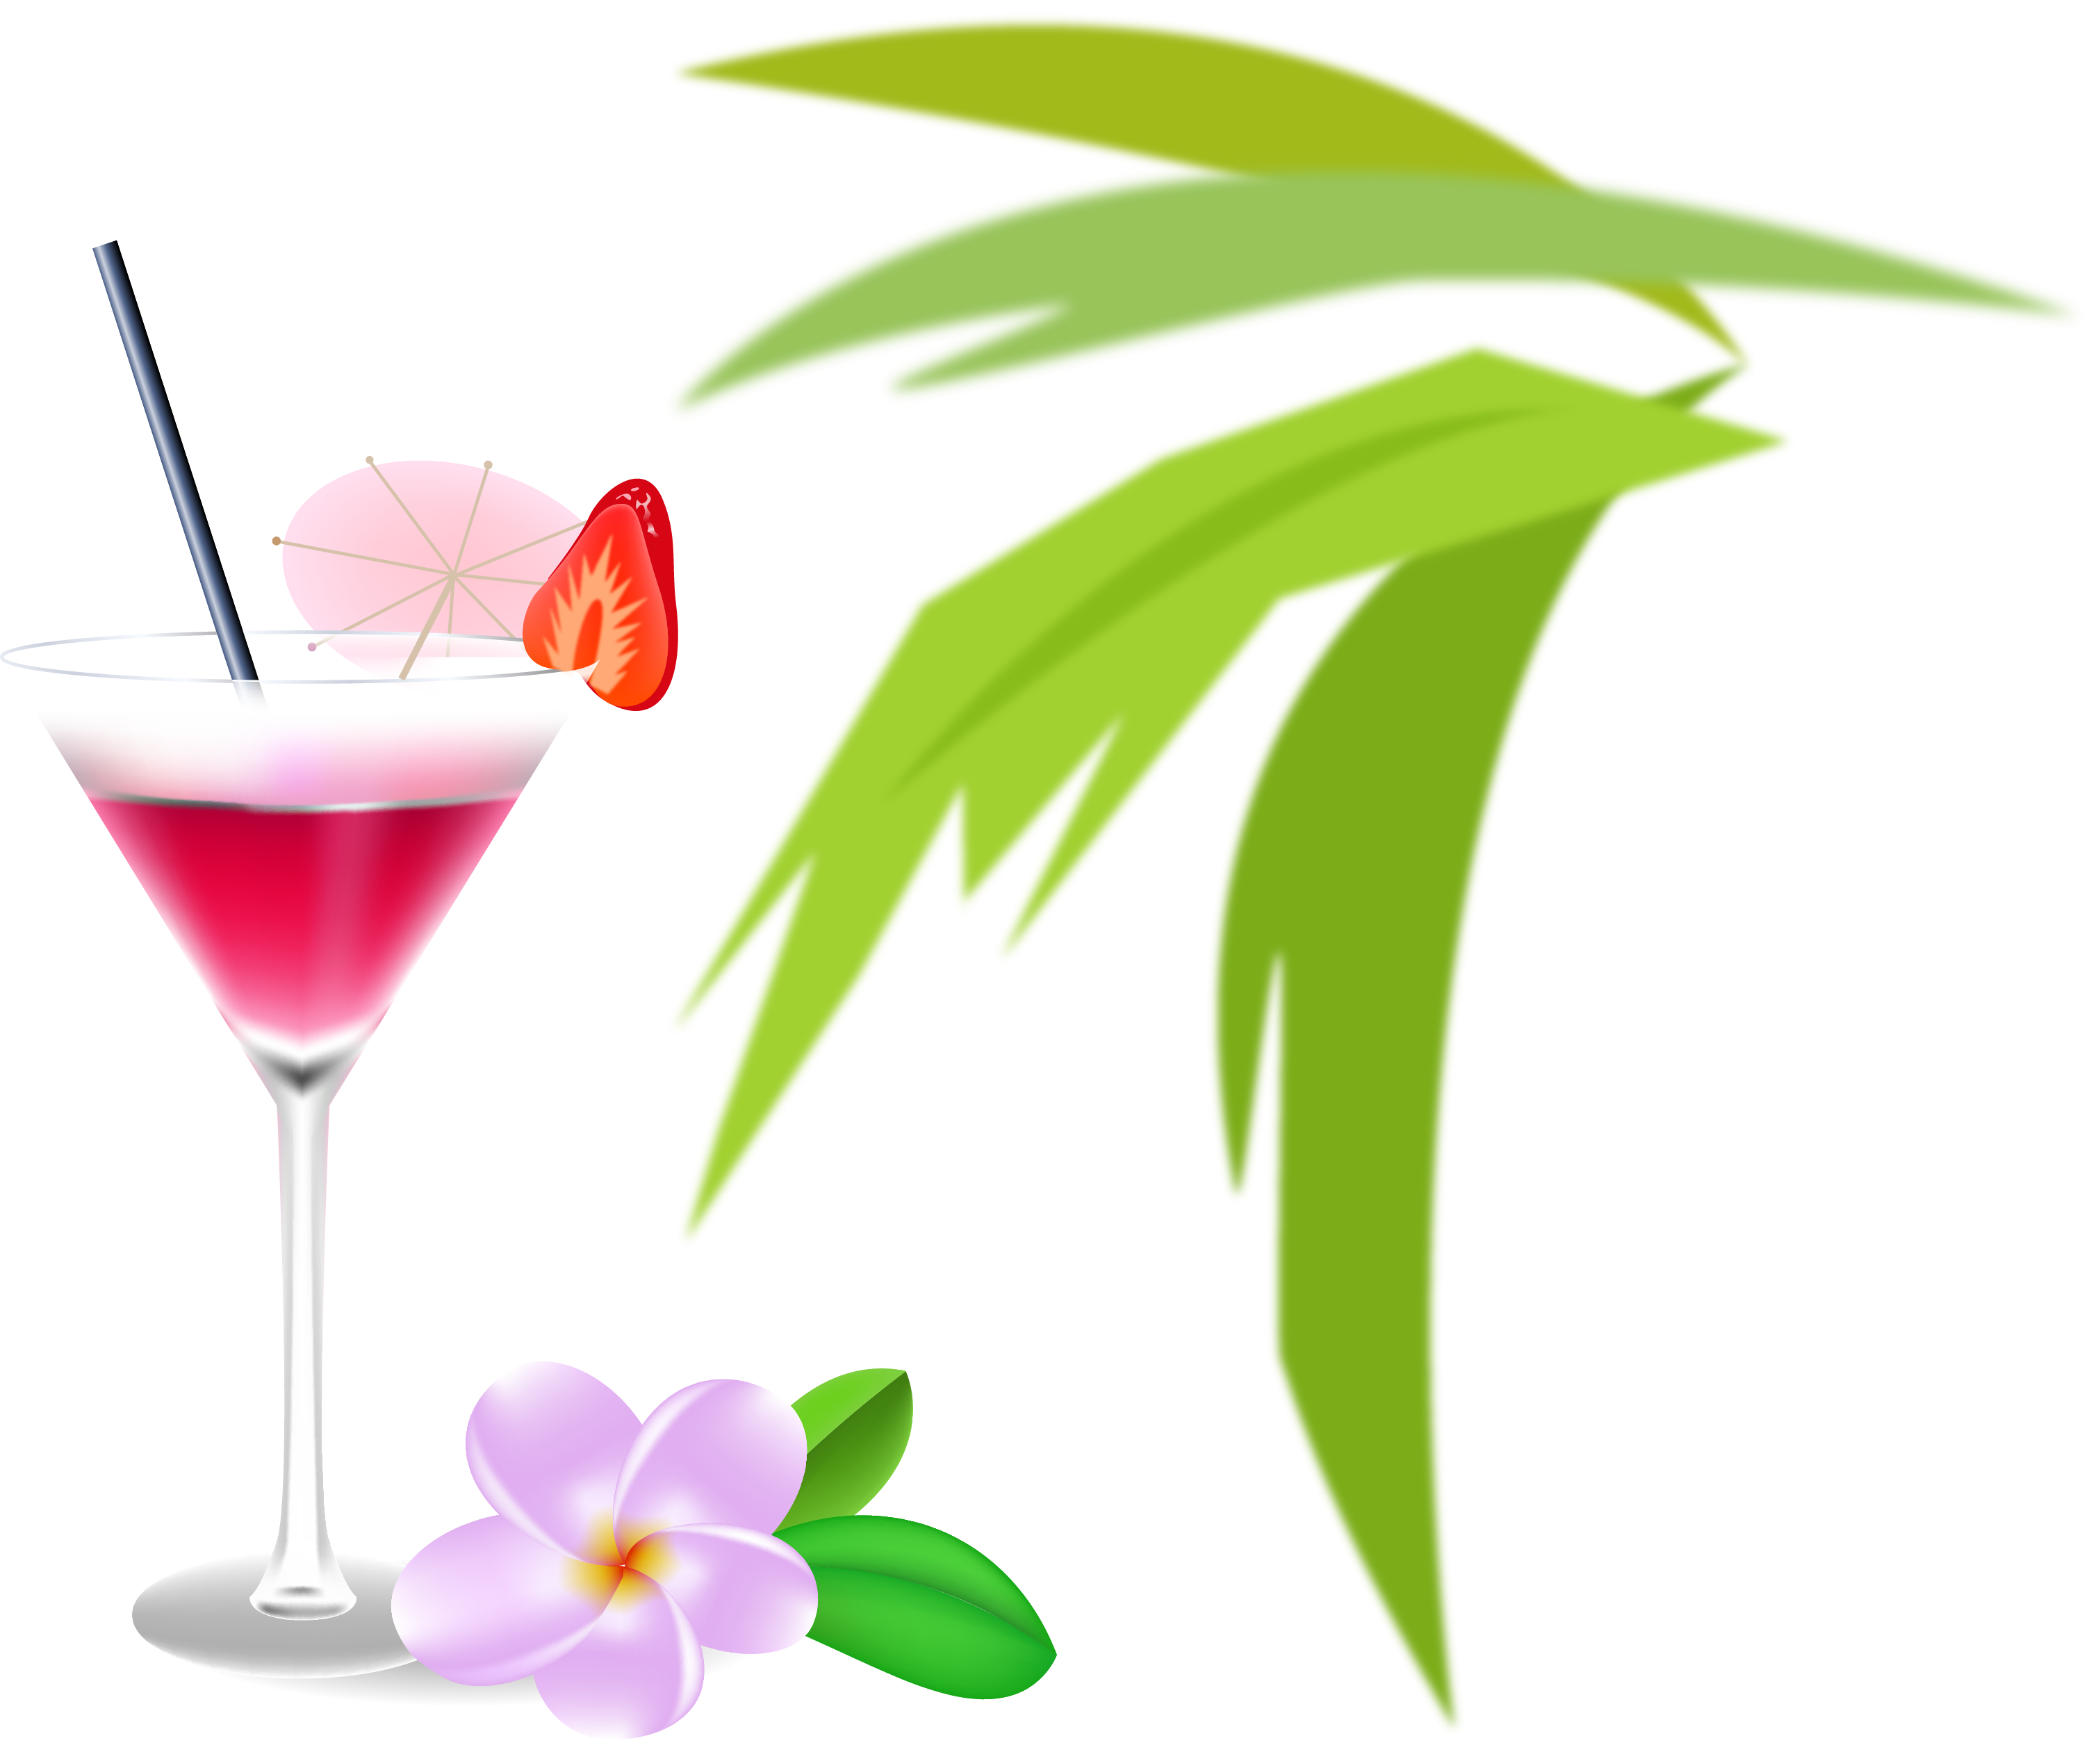 Wine cosmopolitan martini garnish. Cocktail clipart watercolor